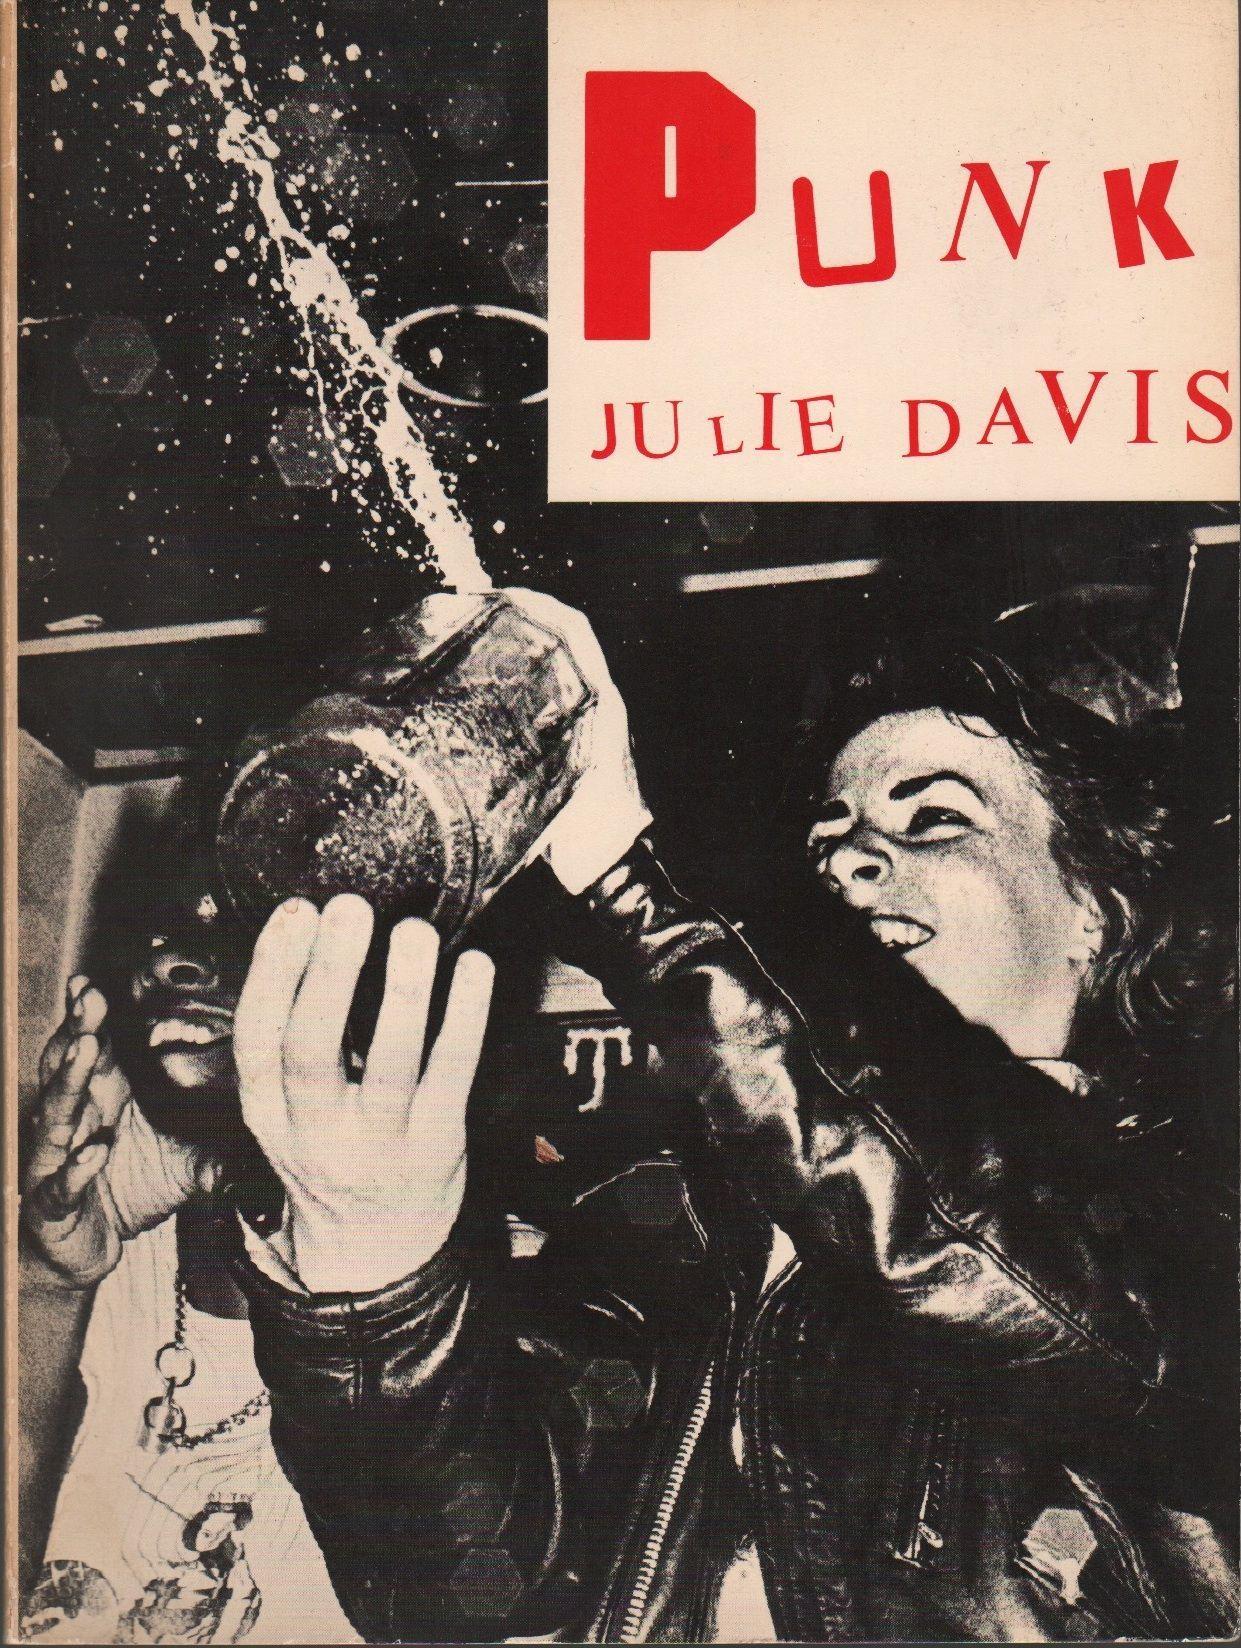 Julie Davis: Punk